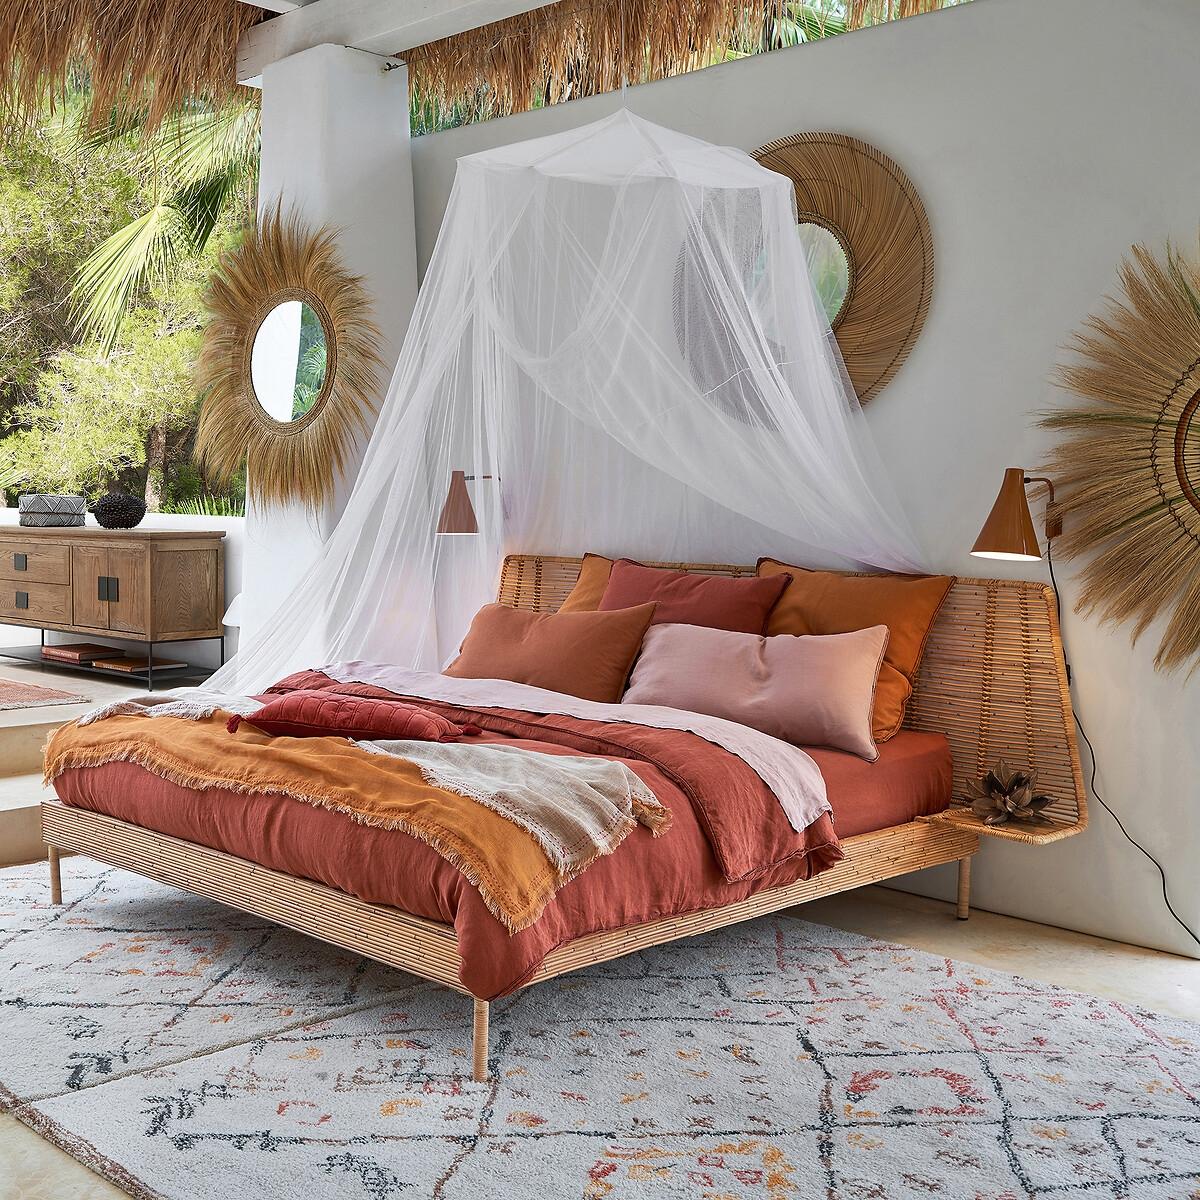 Кровать LaRedoute Из ротангового тростника Saghil 160 x 200 см бежевый